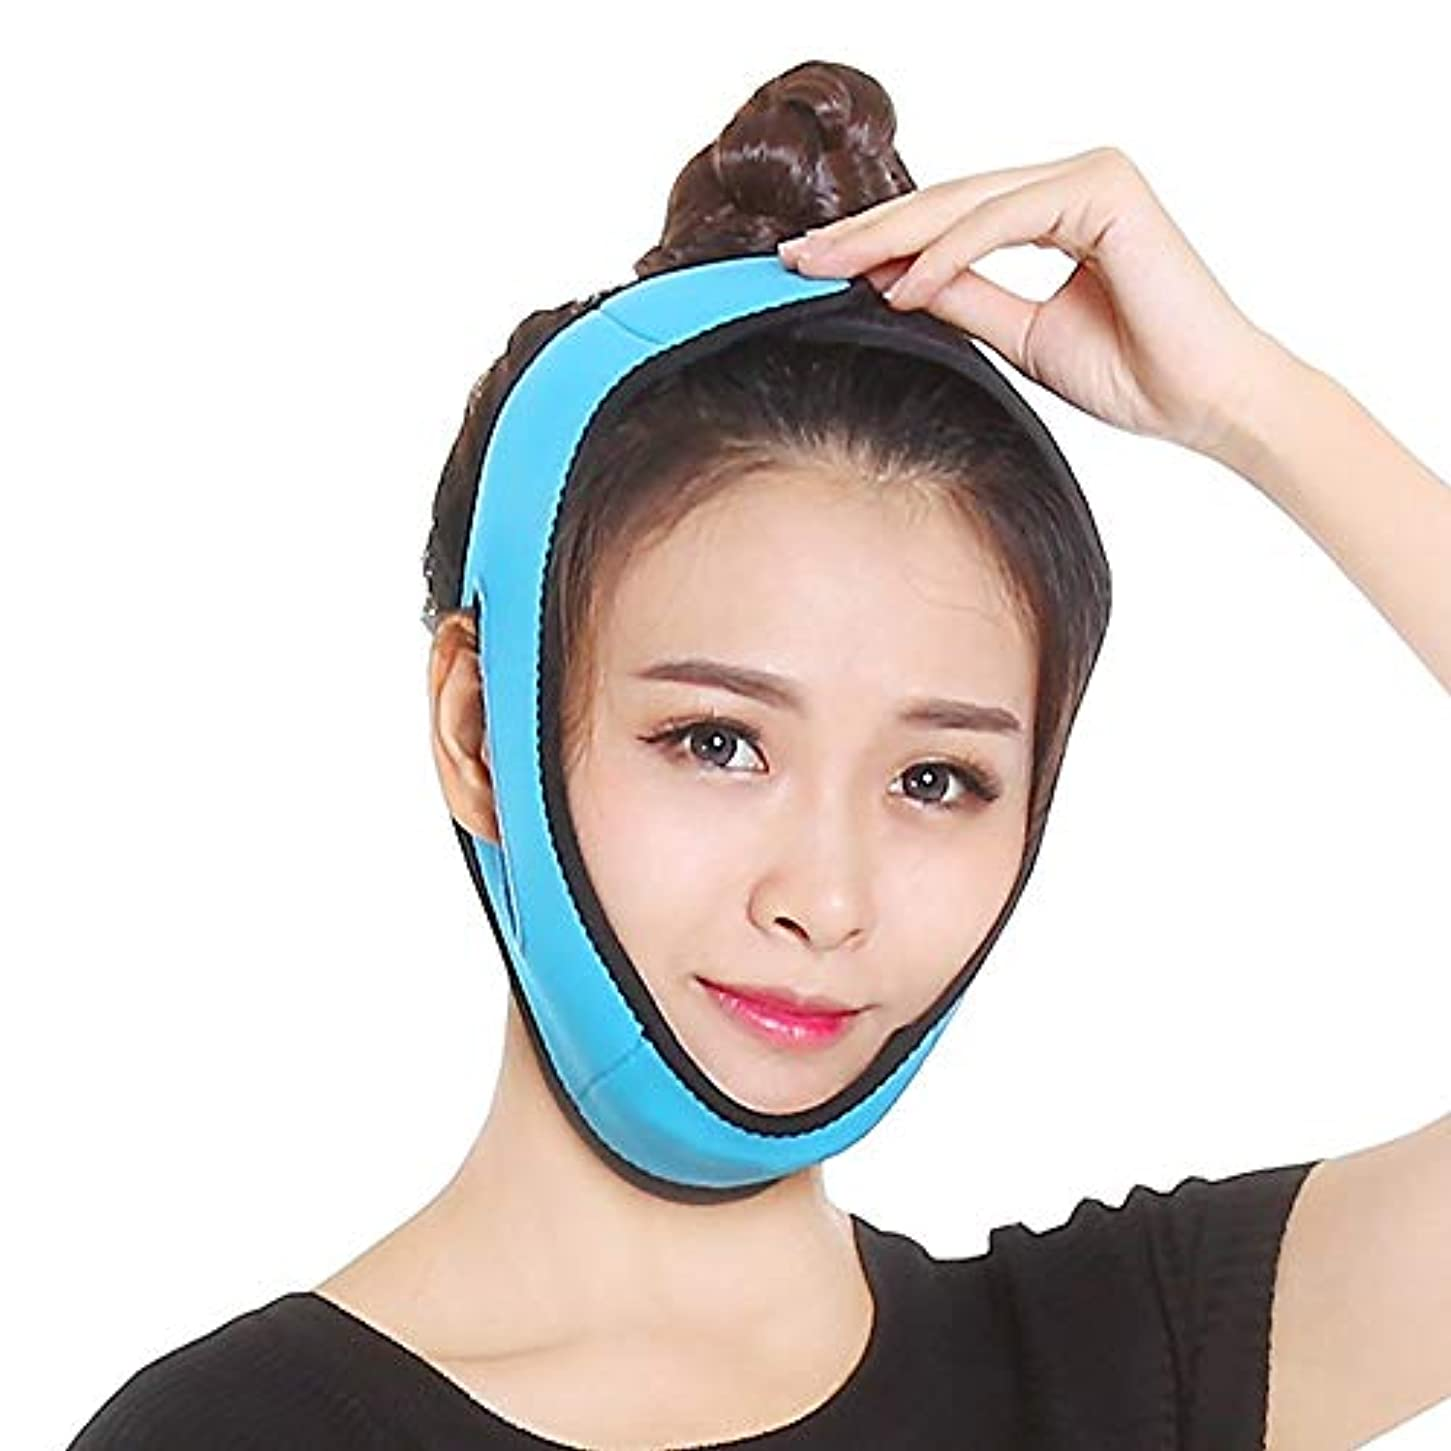 おいしいリビジョン軍隊飛強強 フェイシャルリフティングスリミングベルト - 薄いフェイス包帯二重あごデバイス無料フェイシャルマッサージ整形マスクを引き締める顔と首の顔スリム スリムフィット美容ツール